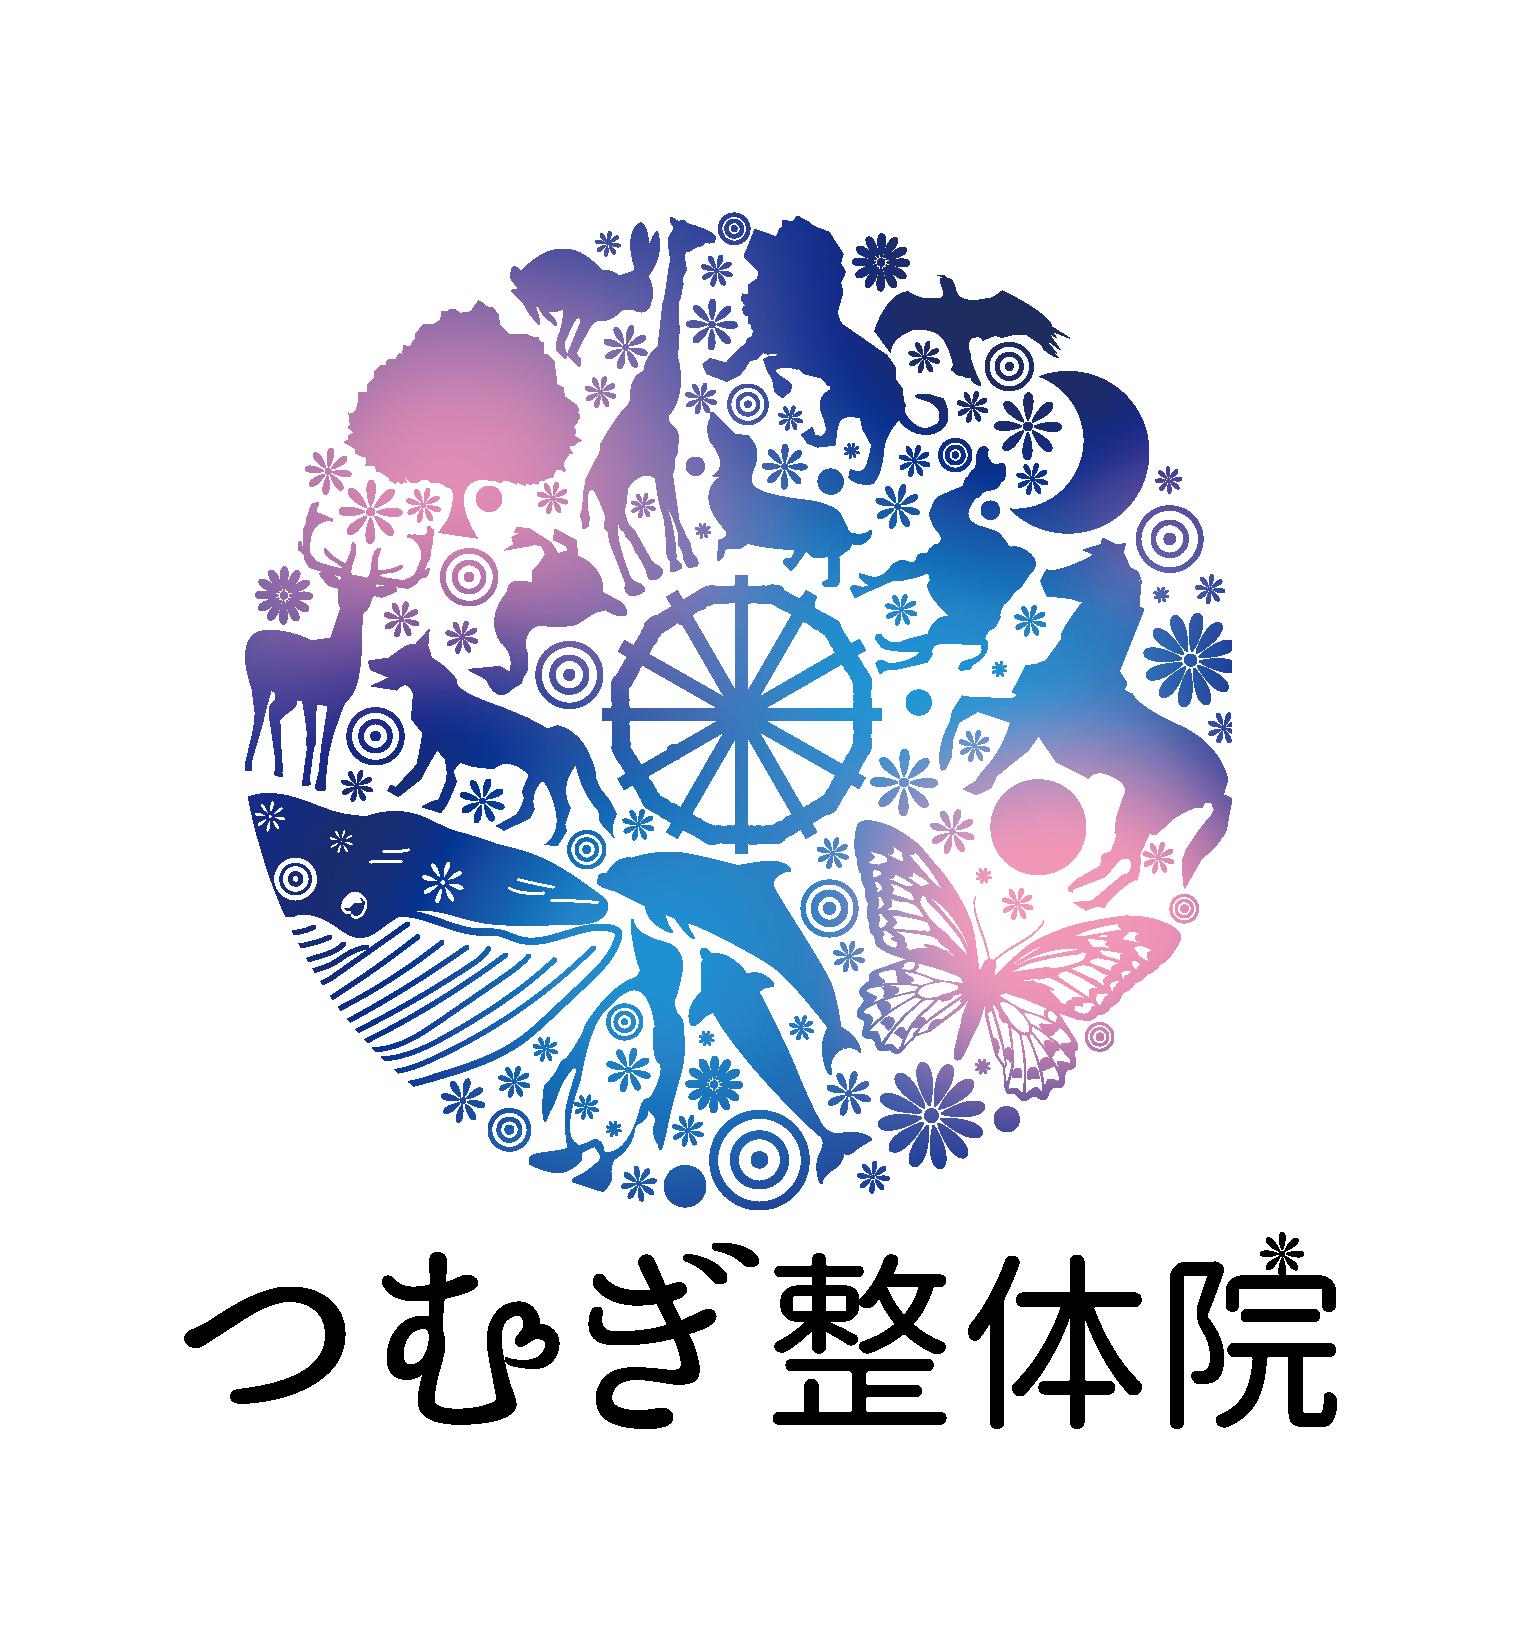 つむぎ整体院ロゴ